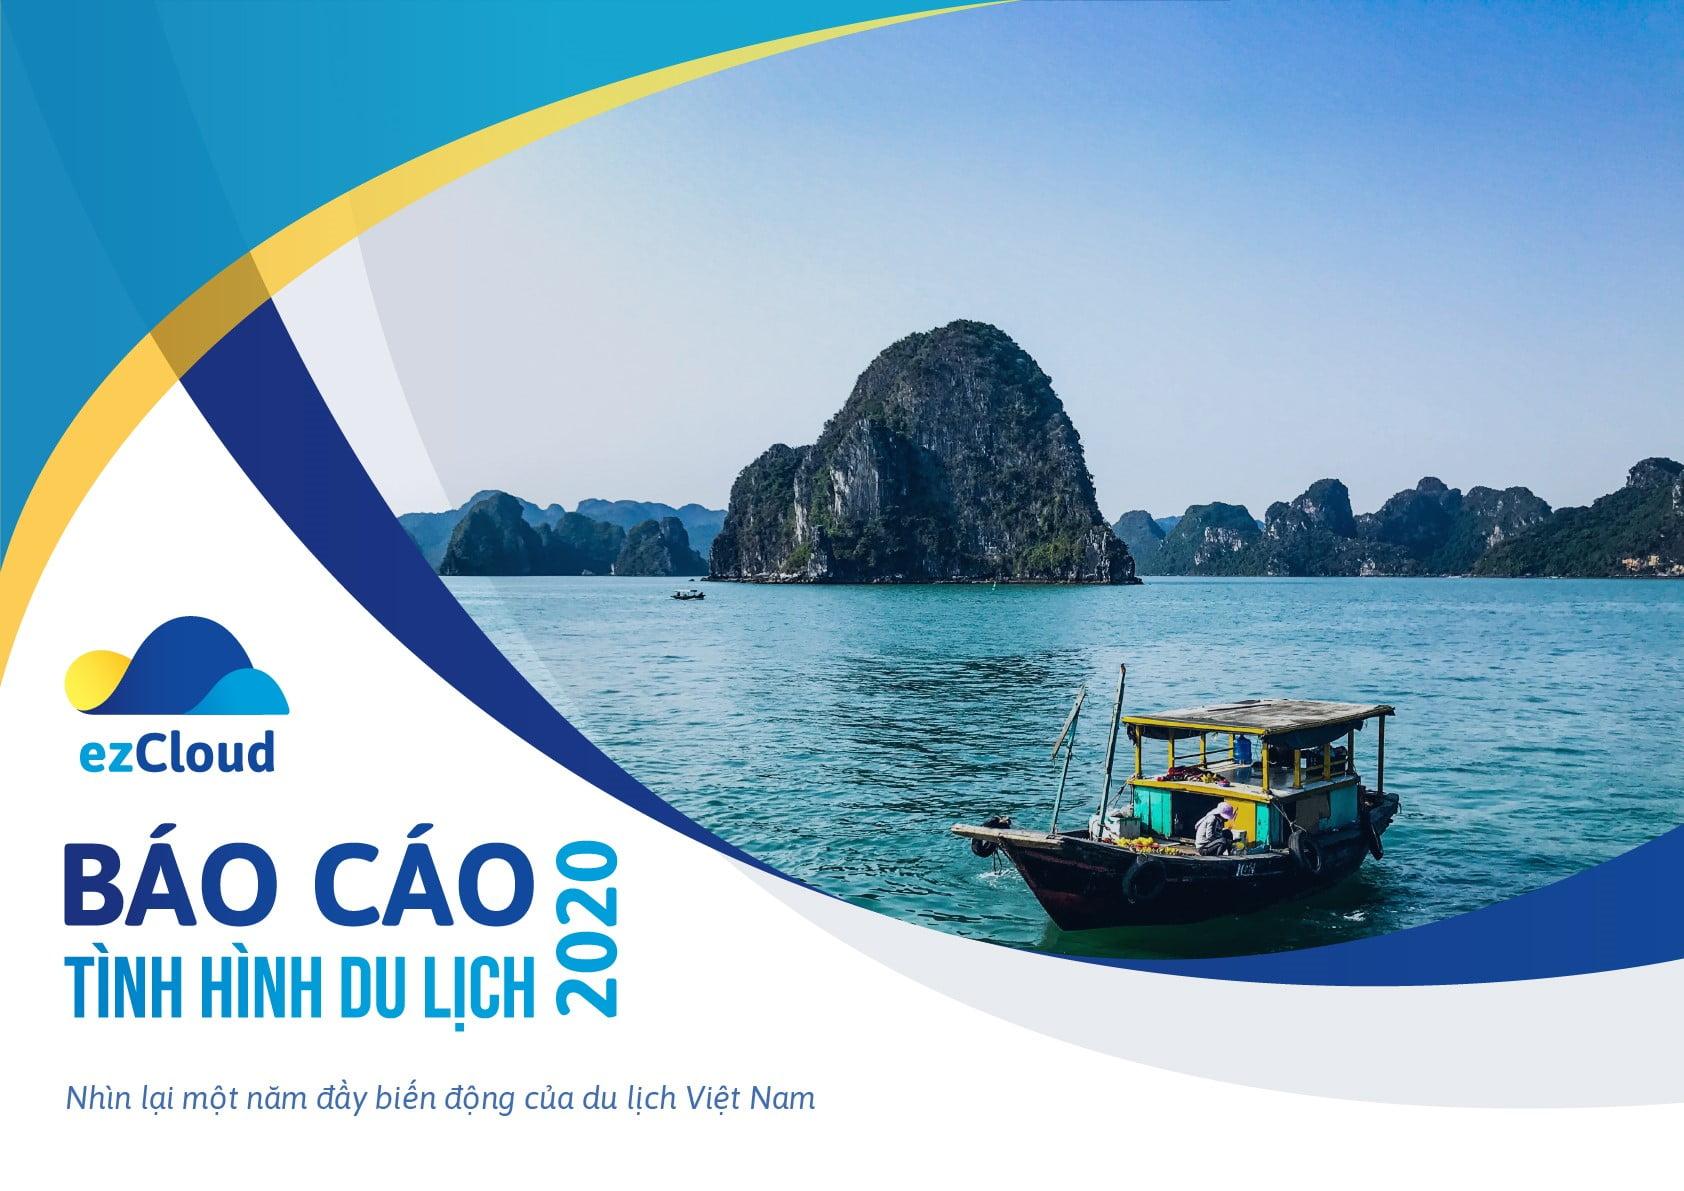 du lịch Việt Nam; xu hướng du lịch mới; chuyển đổi số trong du lịch